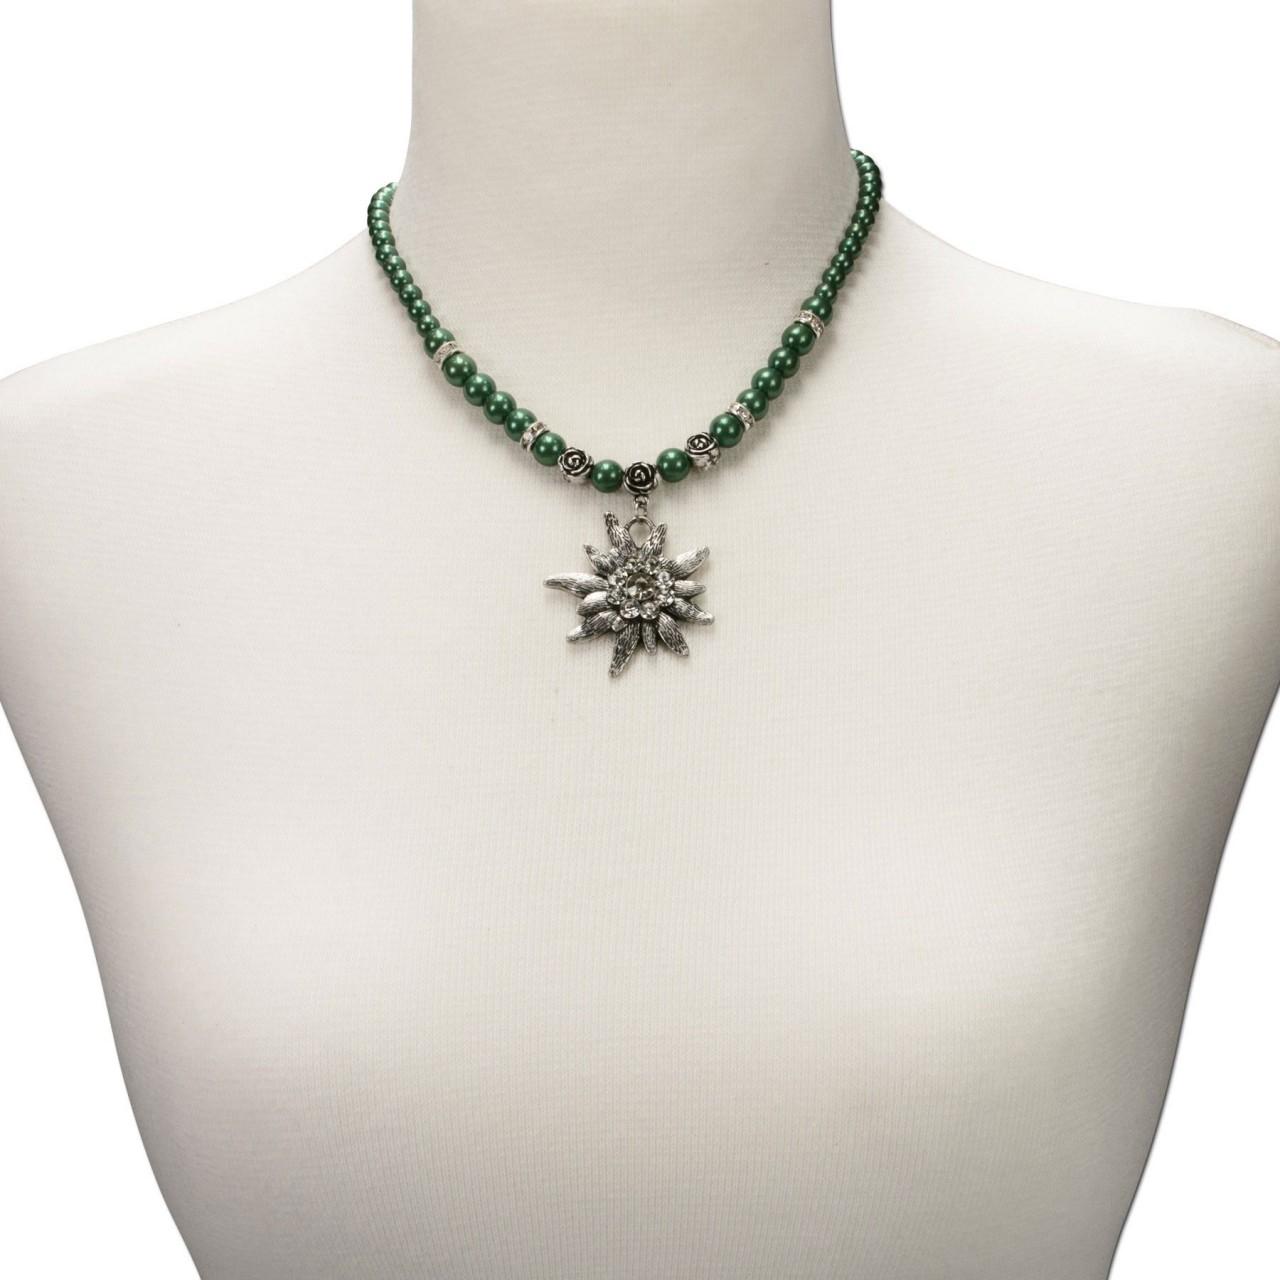 Naszyjnik z pereł duży zielony szarotka